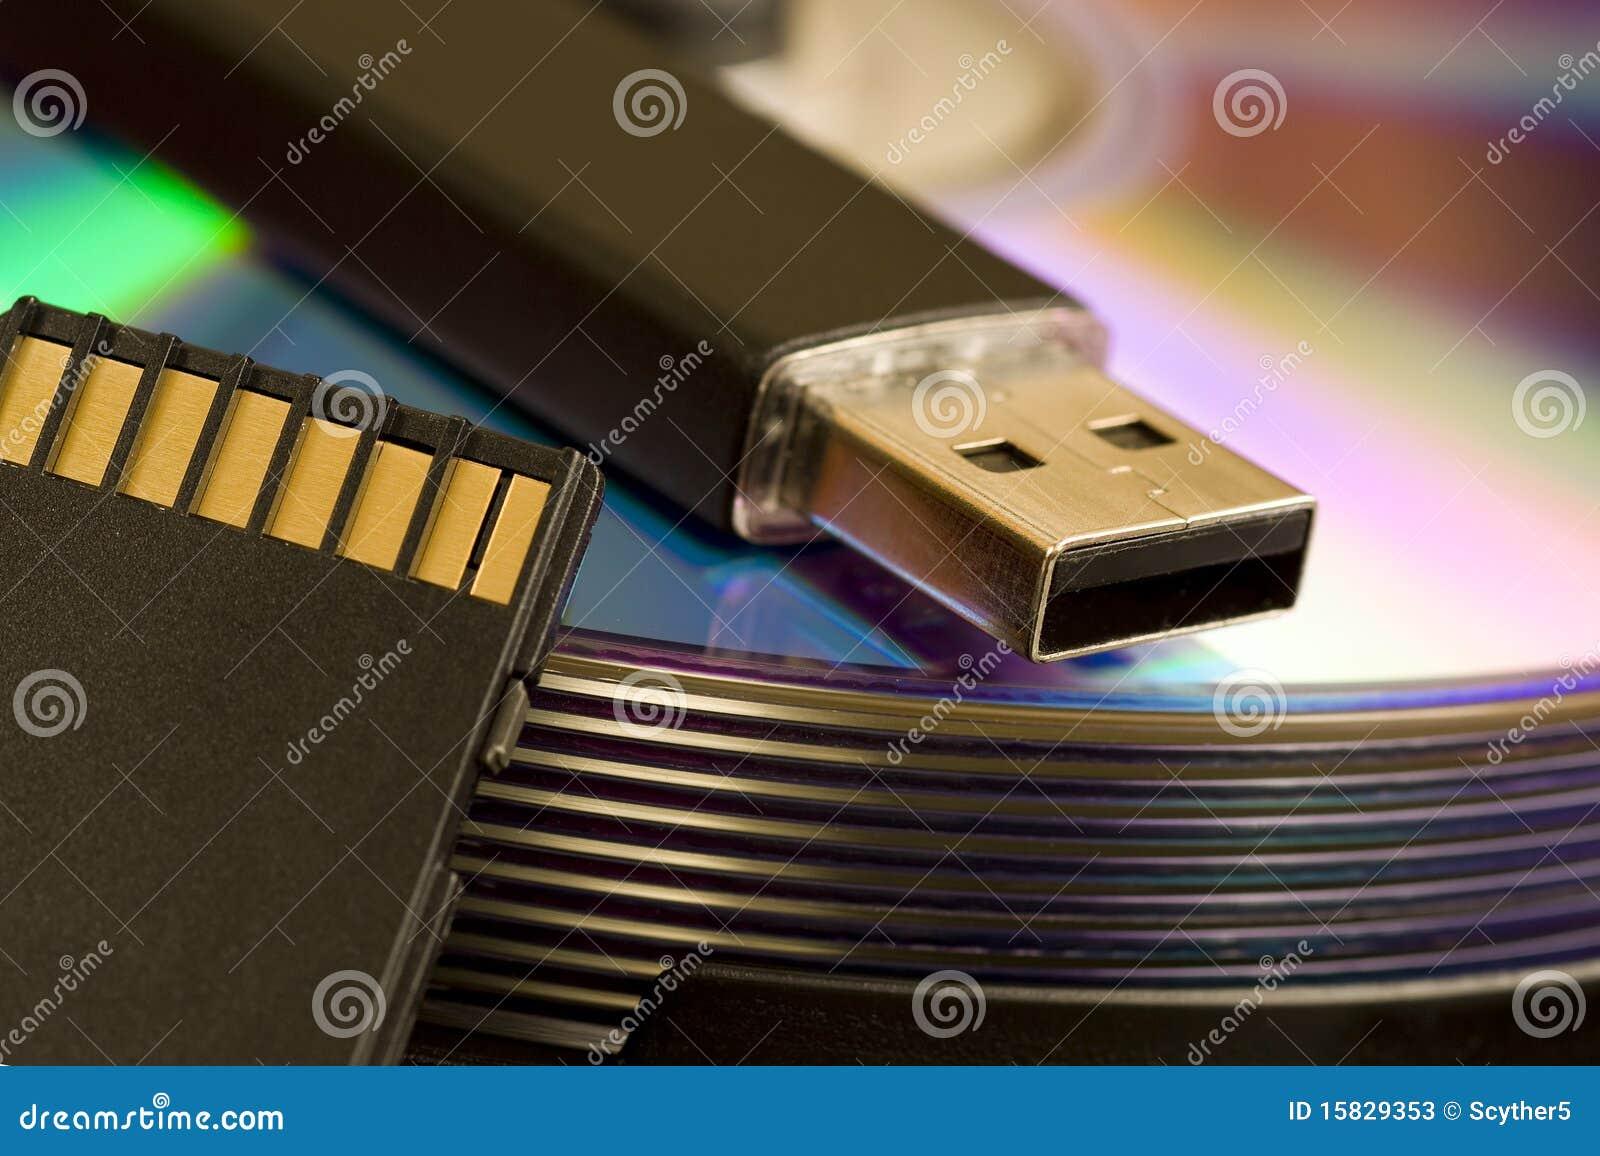 Cd, USB, SD card